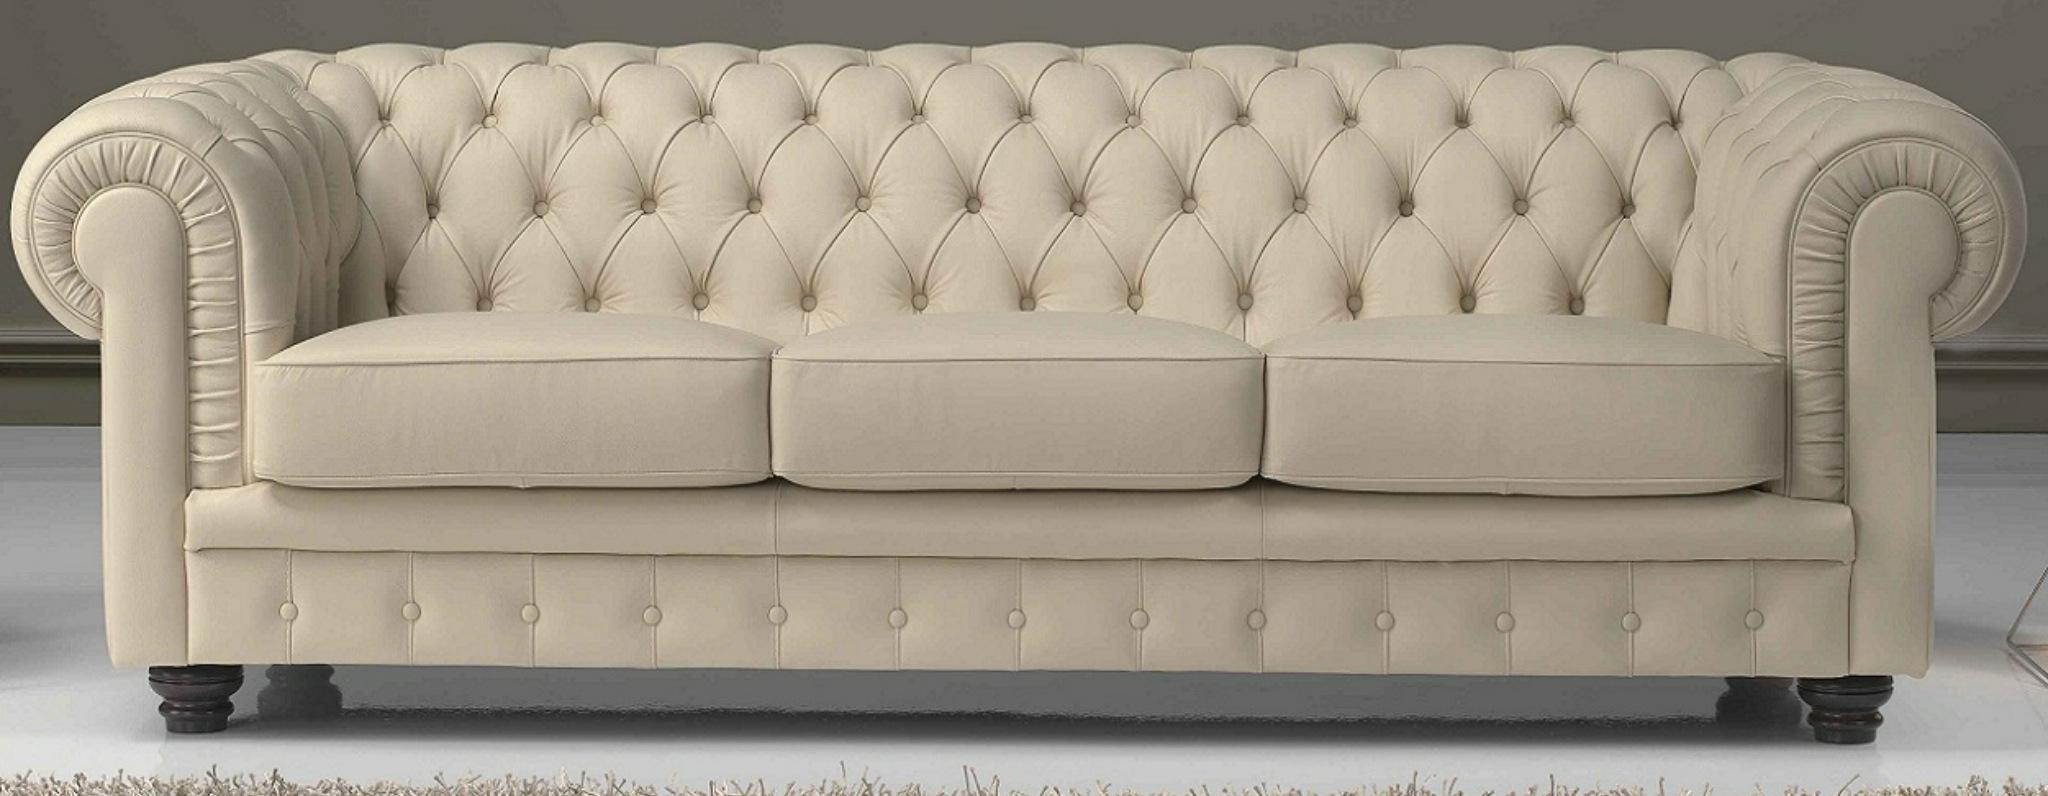 Divani inglesi chesterfield prezzi idee per il design for Prezzi per rivestire un divano